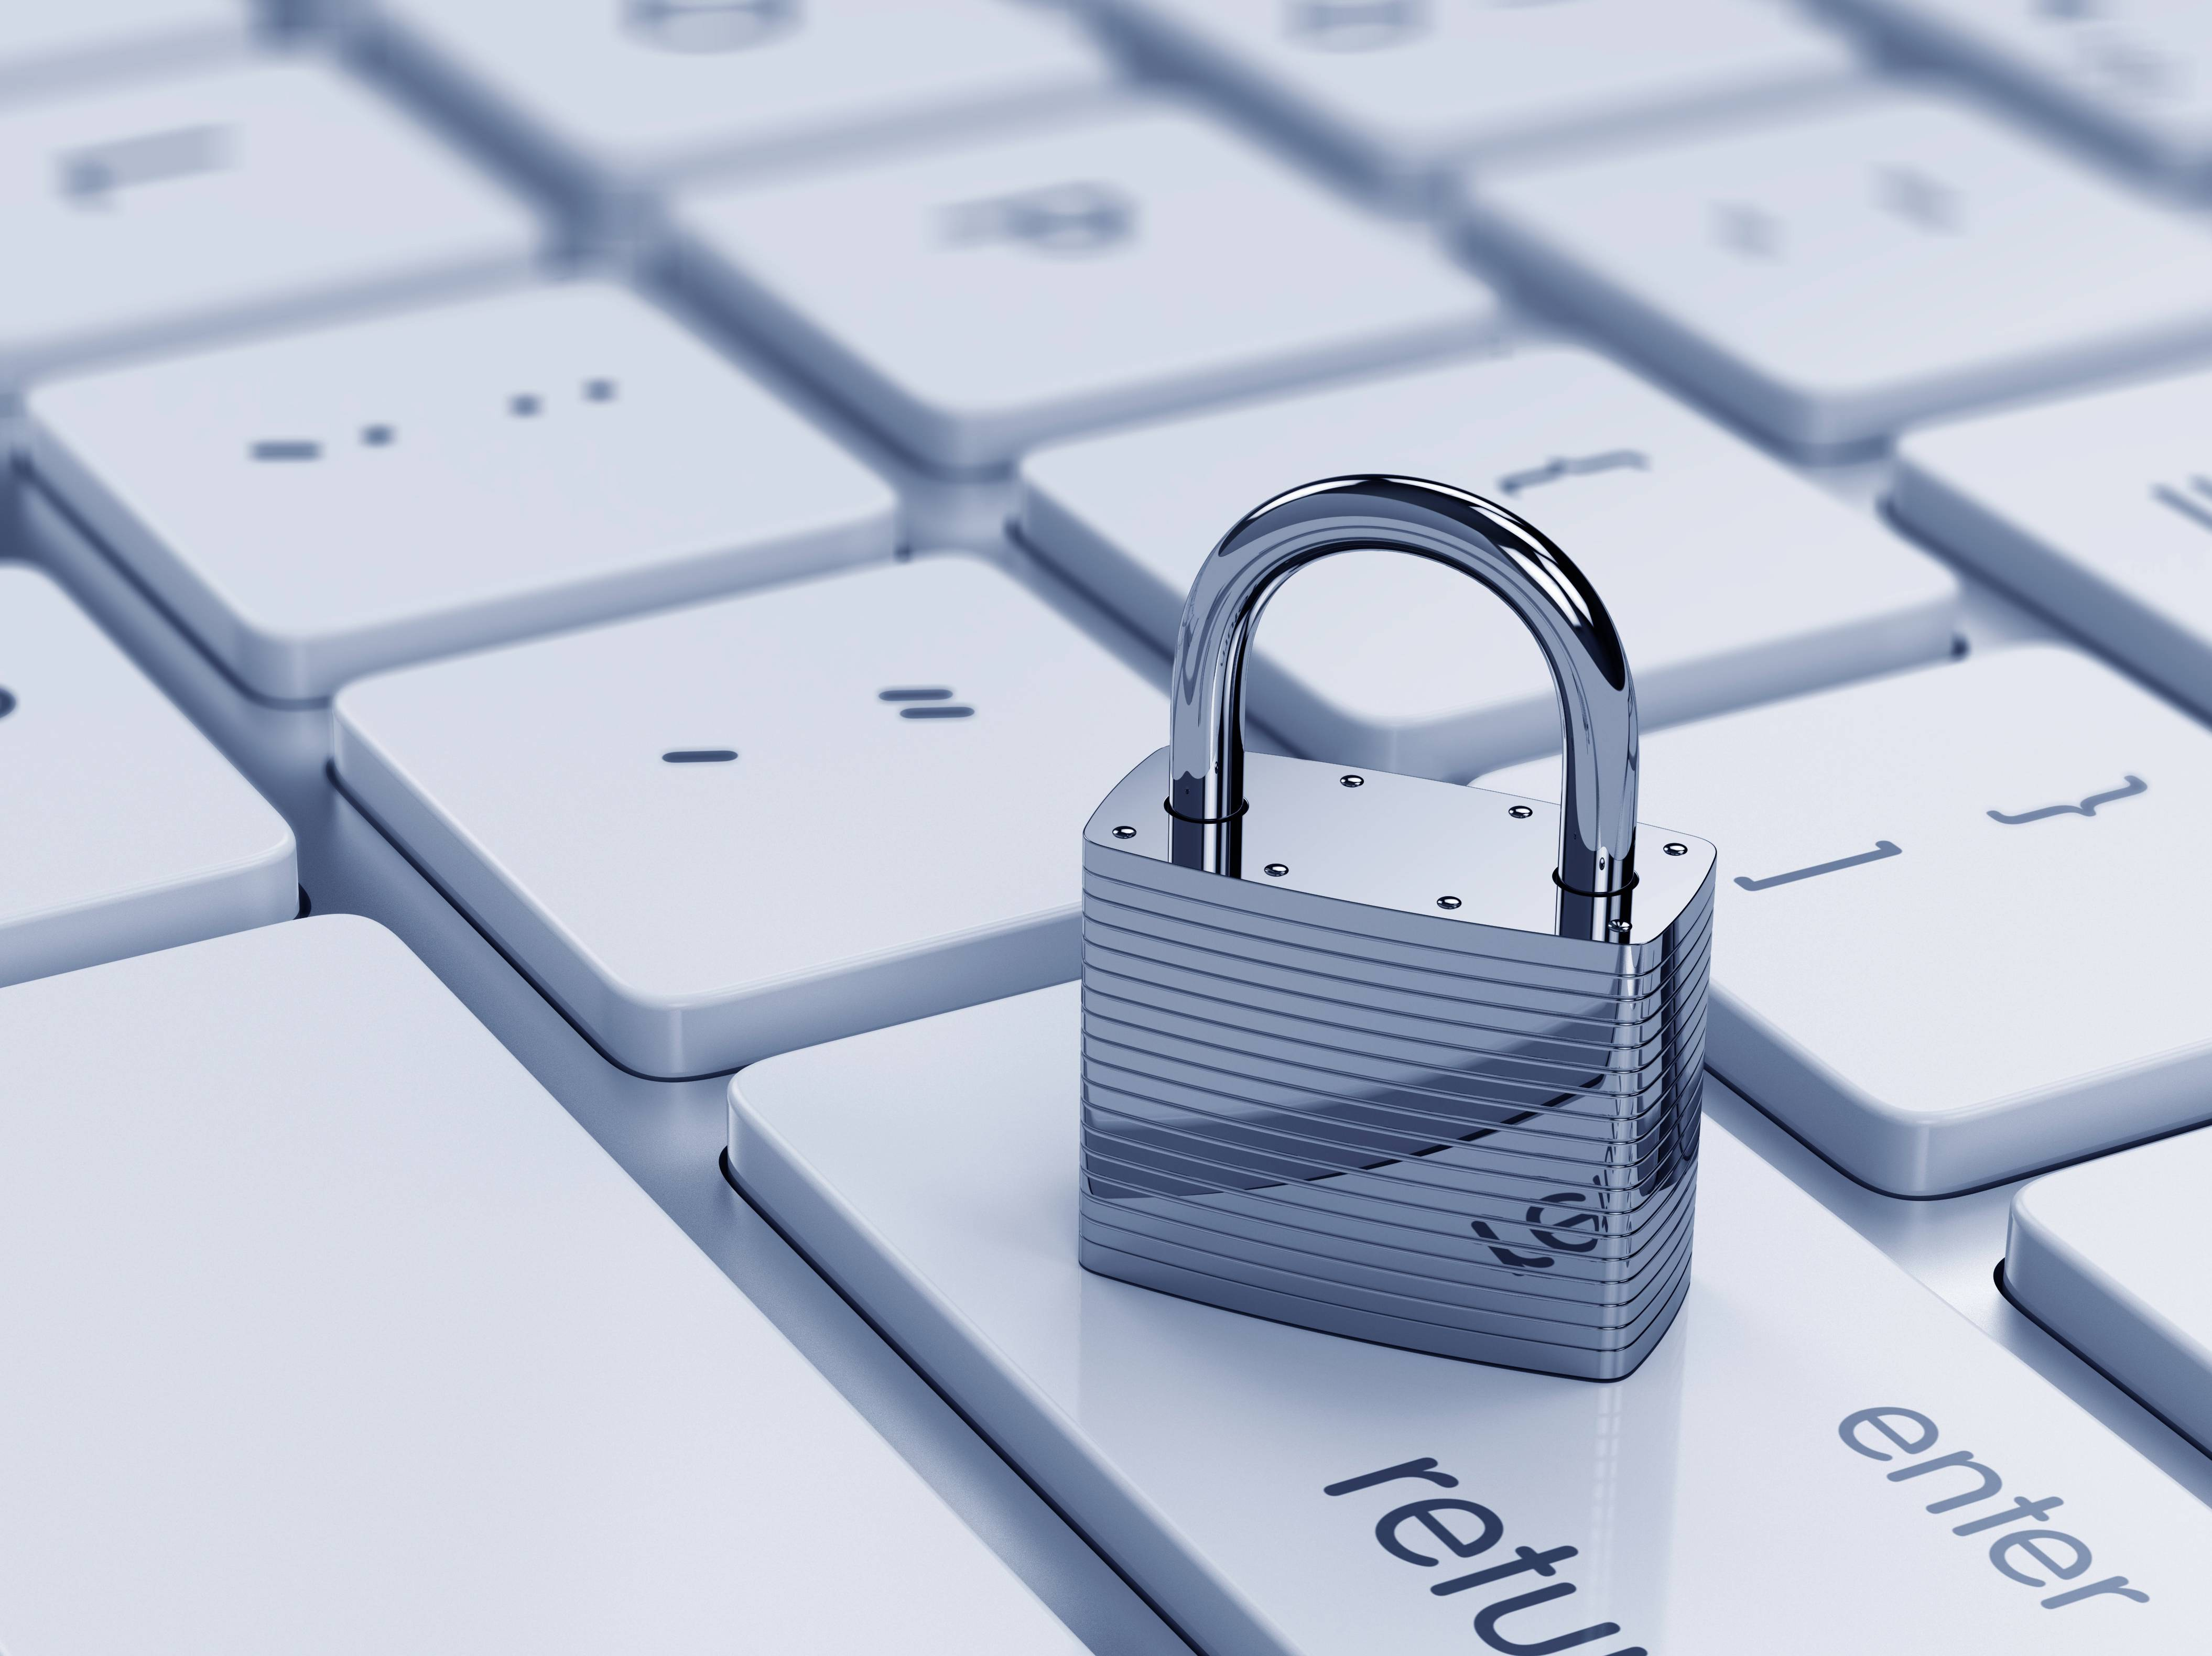 sec - Certificado Digital: Qual o Melhor Para Sua Empresa?